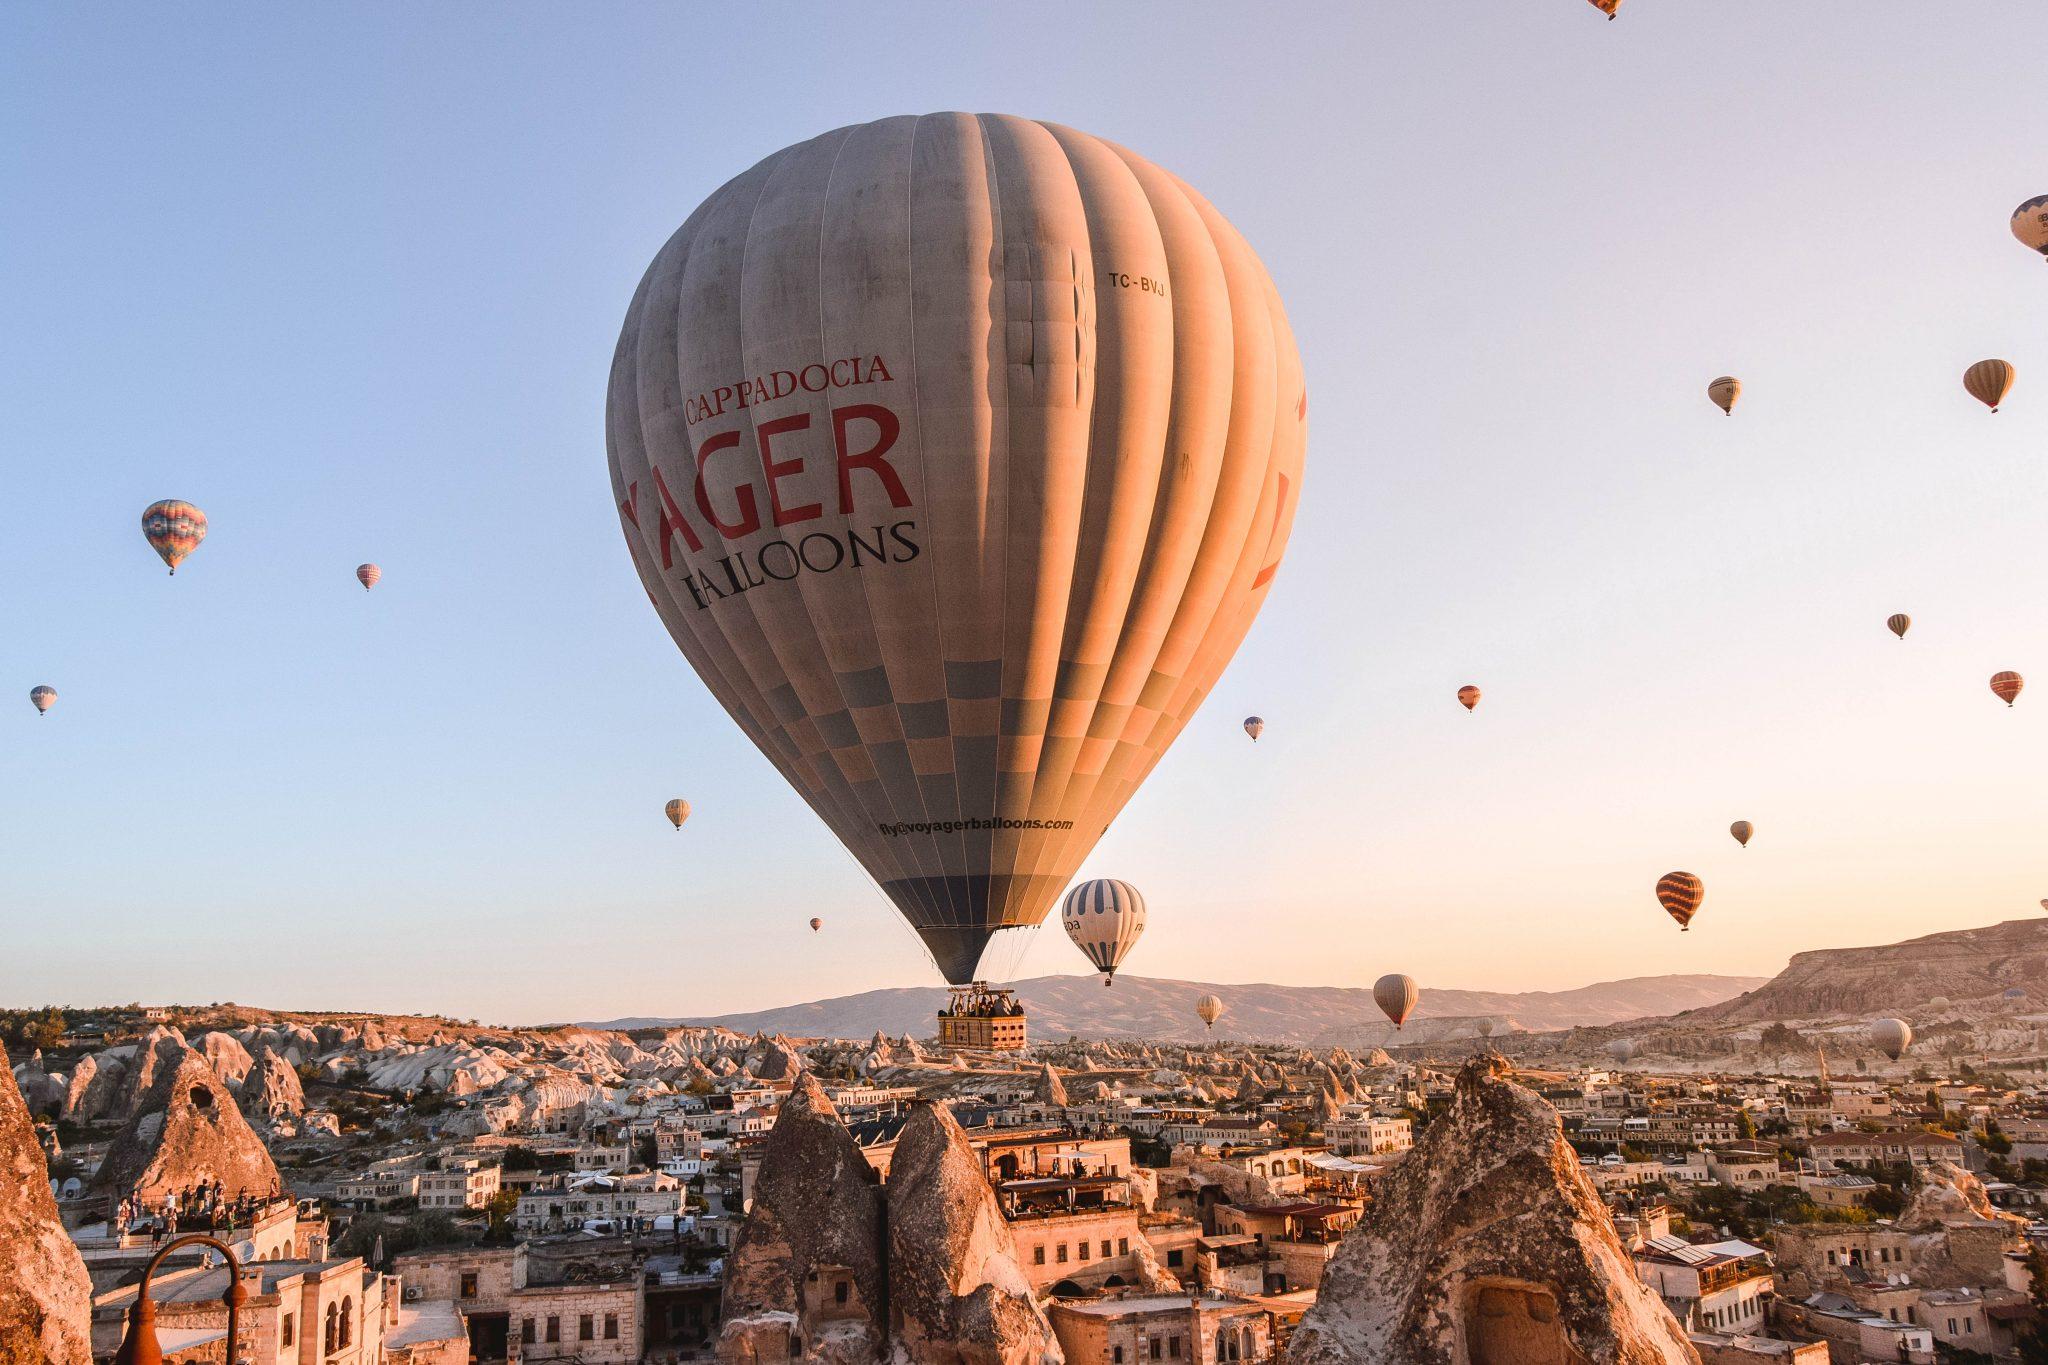 Wanderers & Warriors - Things To Do In Cappadocia Hot Air Ballon Tour Cappadocia